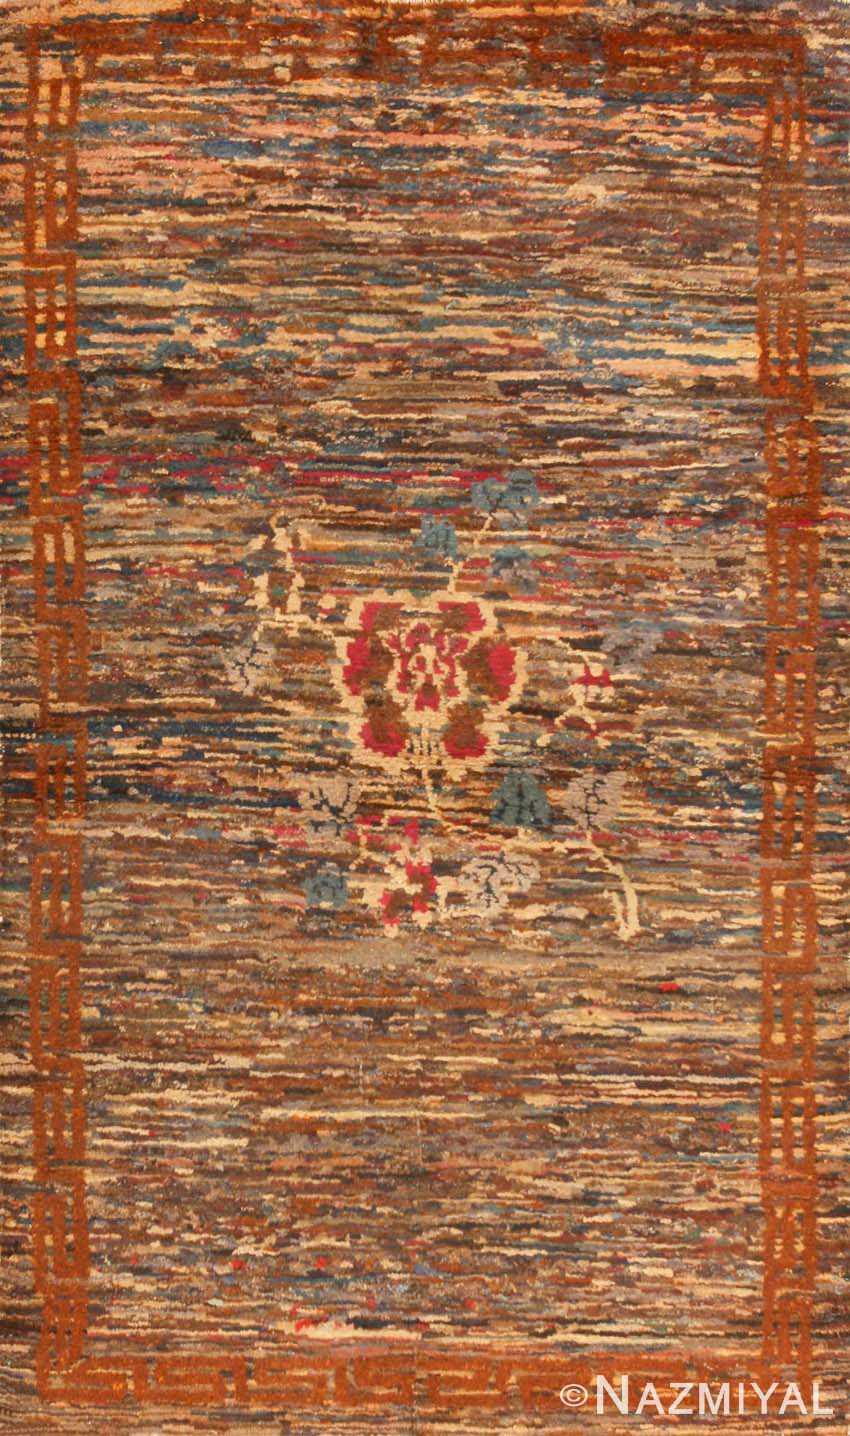 Antique Chinese Oriental Carpet 2859 Nazmiyal